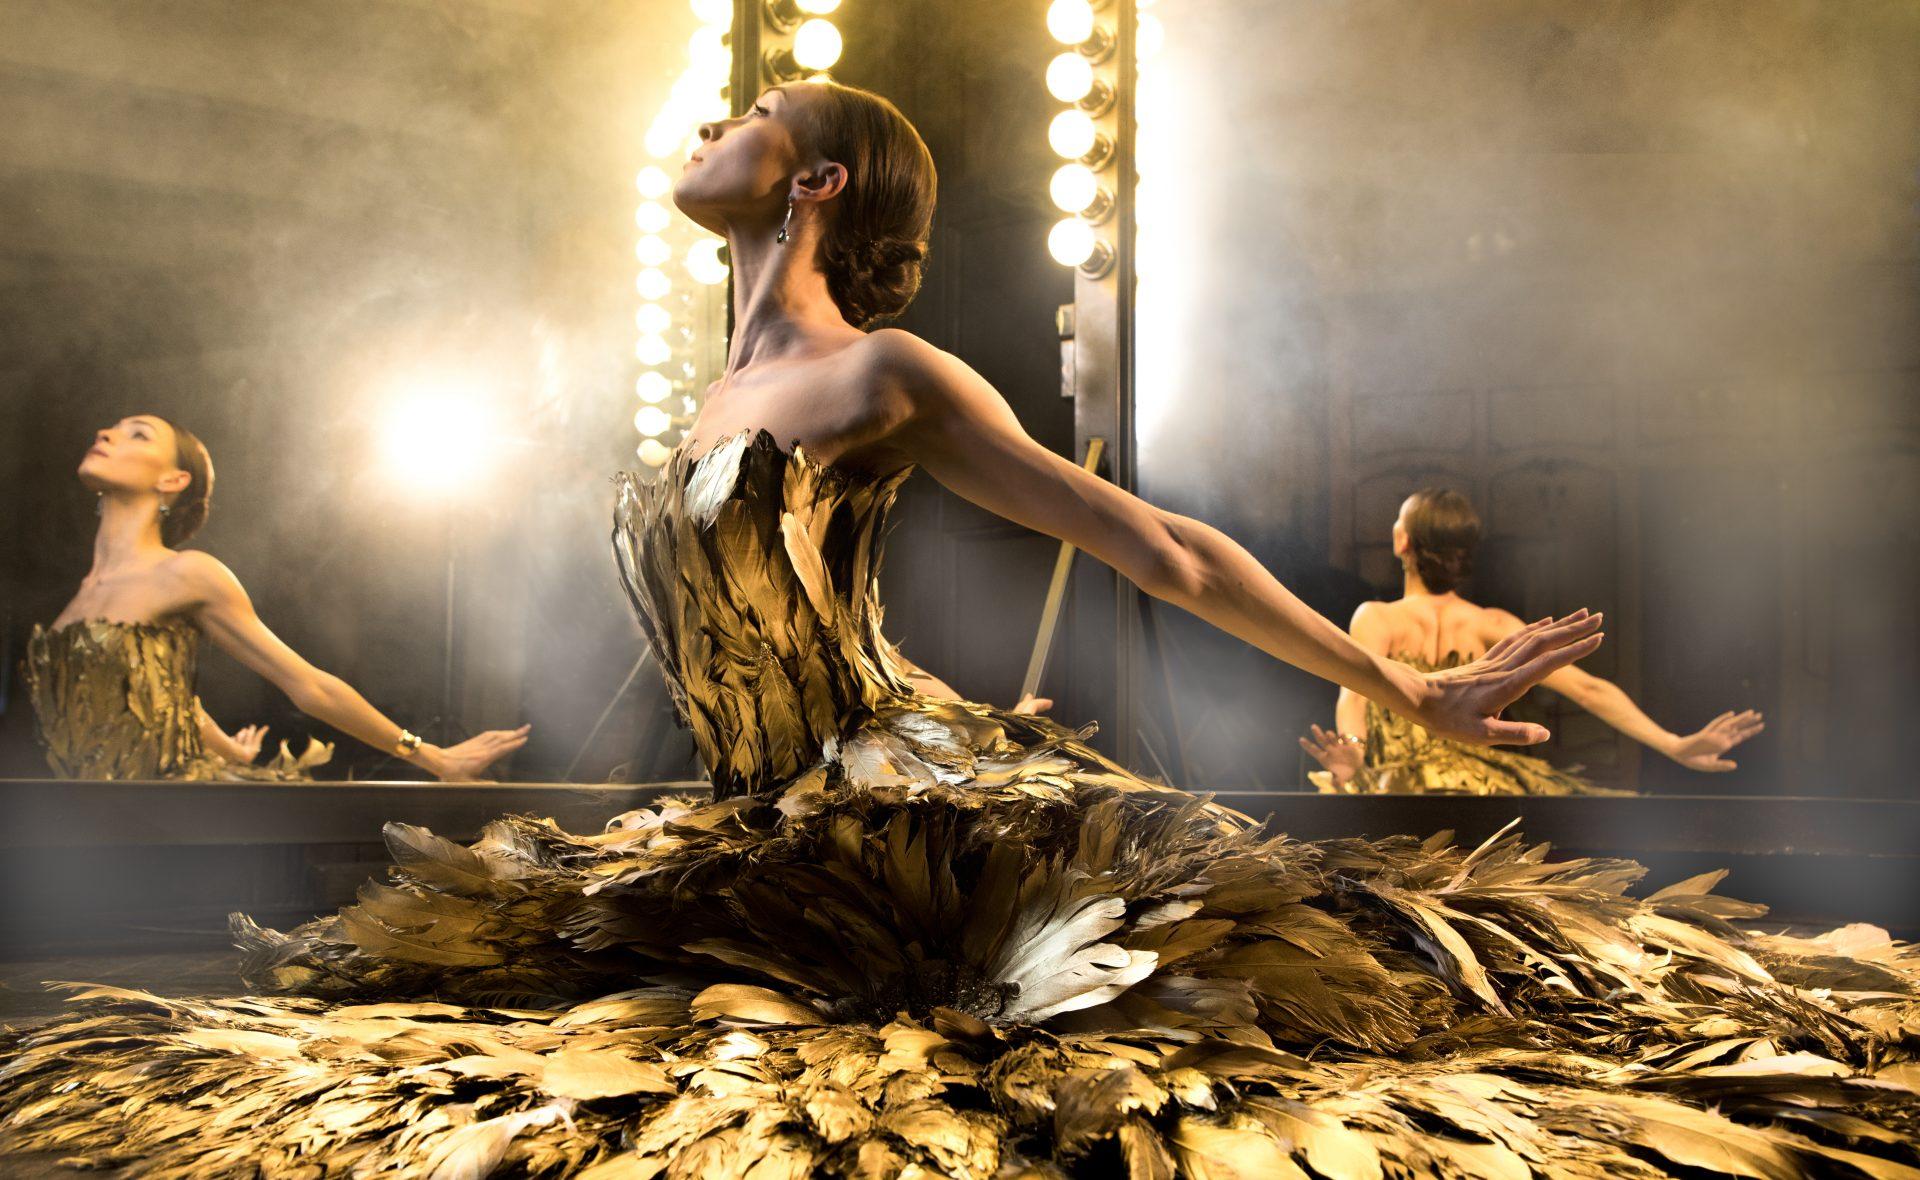 Ольга Смирнова: «Я люблю делать роли своими и осмысливать их».